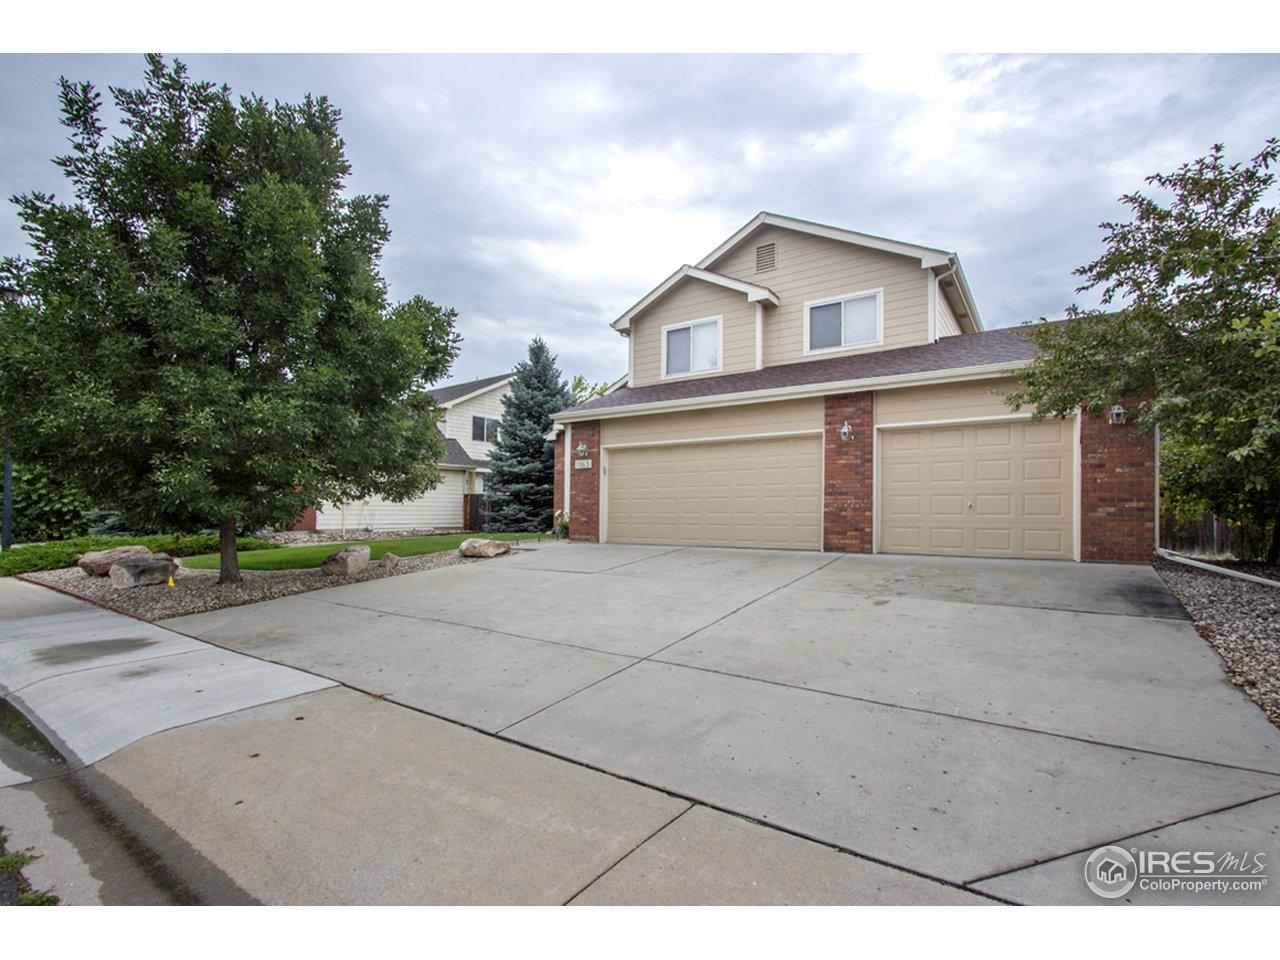 1163 Wabash St, Fort Collins CO 80526